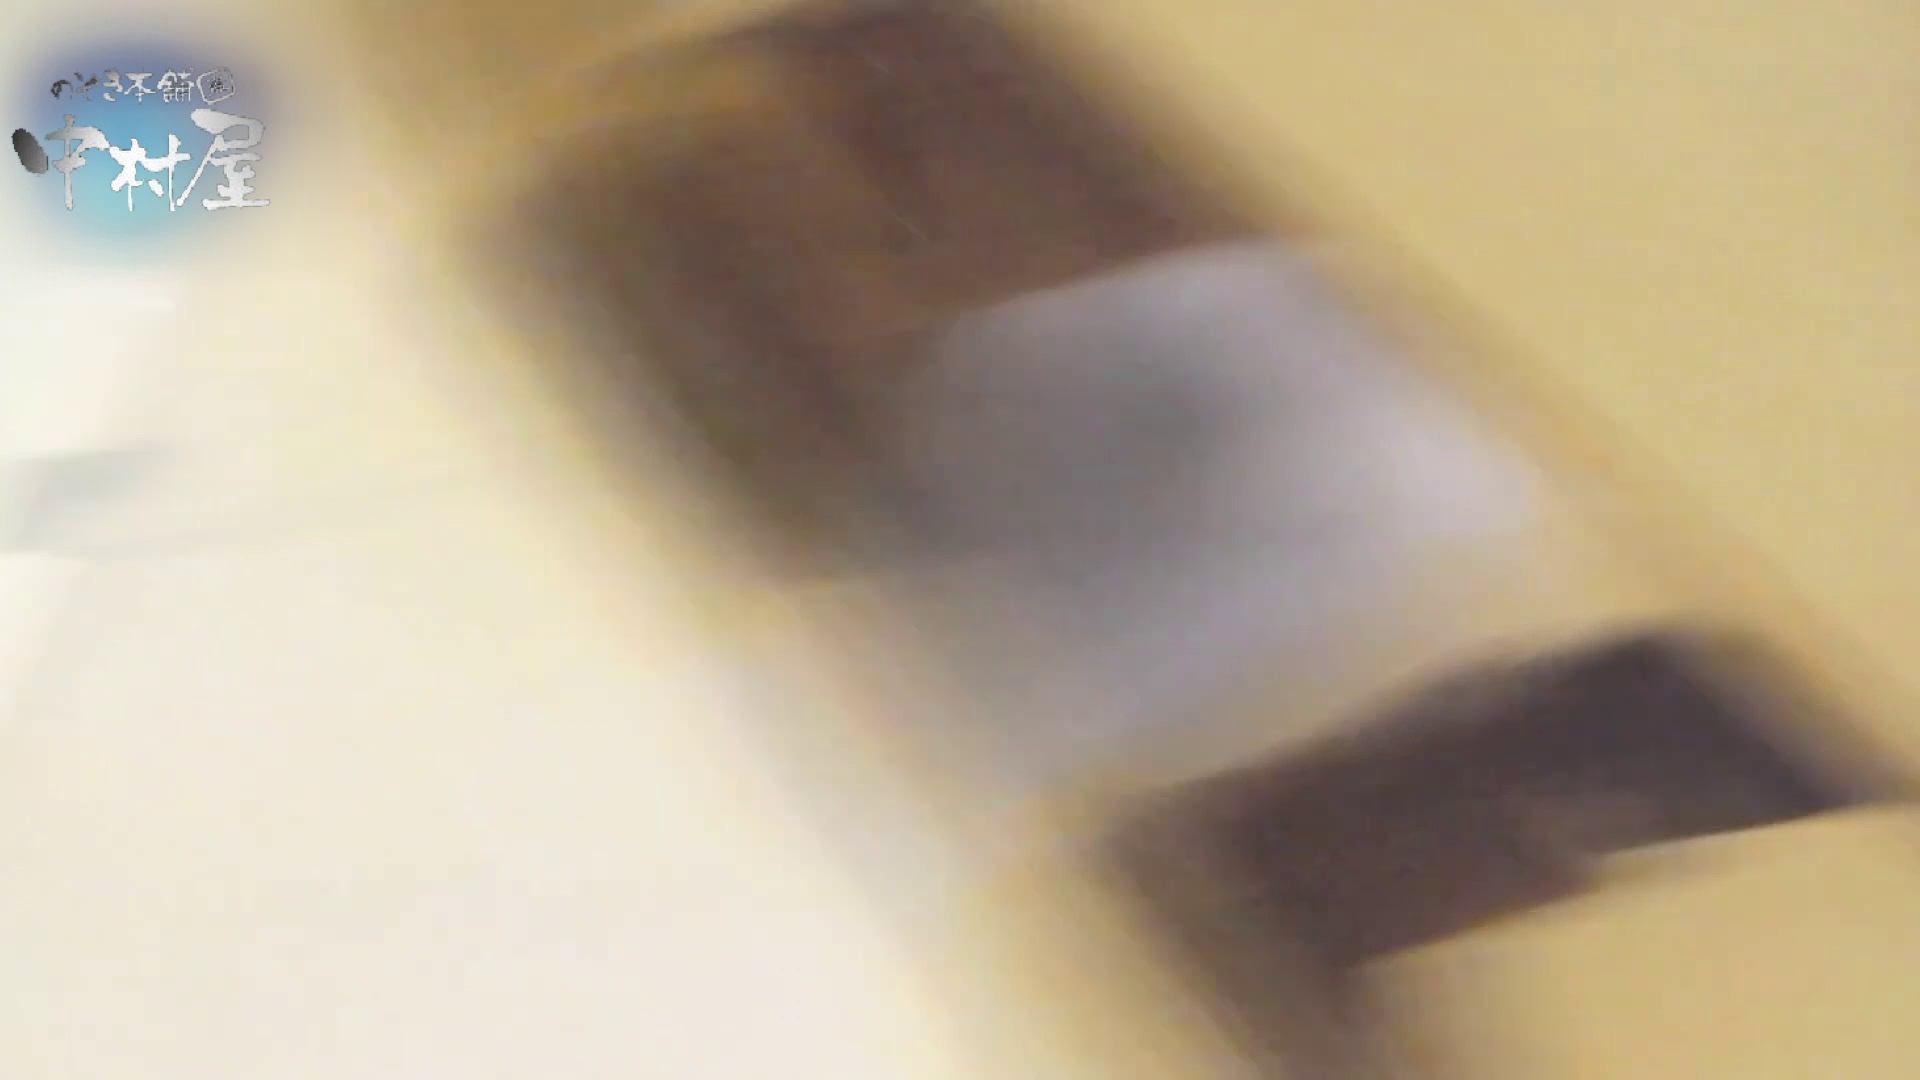 乙女集まる!ショッピングモール潜入撮vol.02 ロリ | Hな乙女  59pic 23